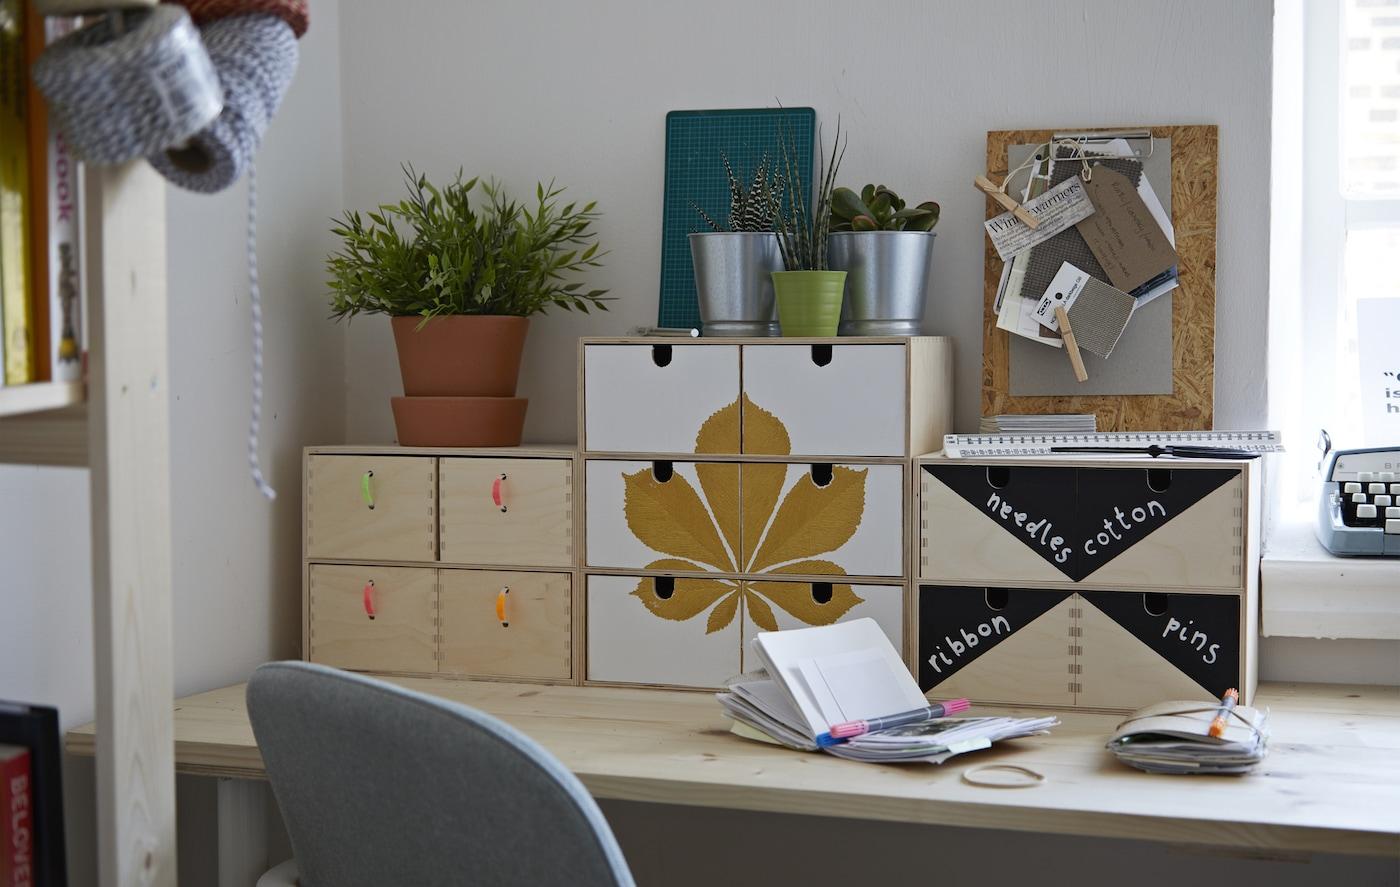 Un escritorio con cajones para organizar, personalizados con algún motivo, pintura y tiradores coloridos.